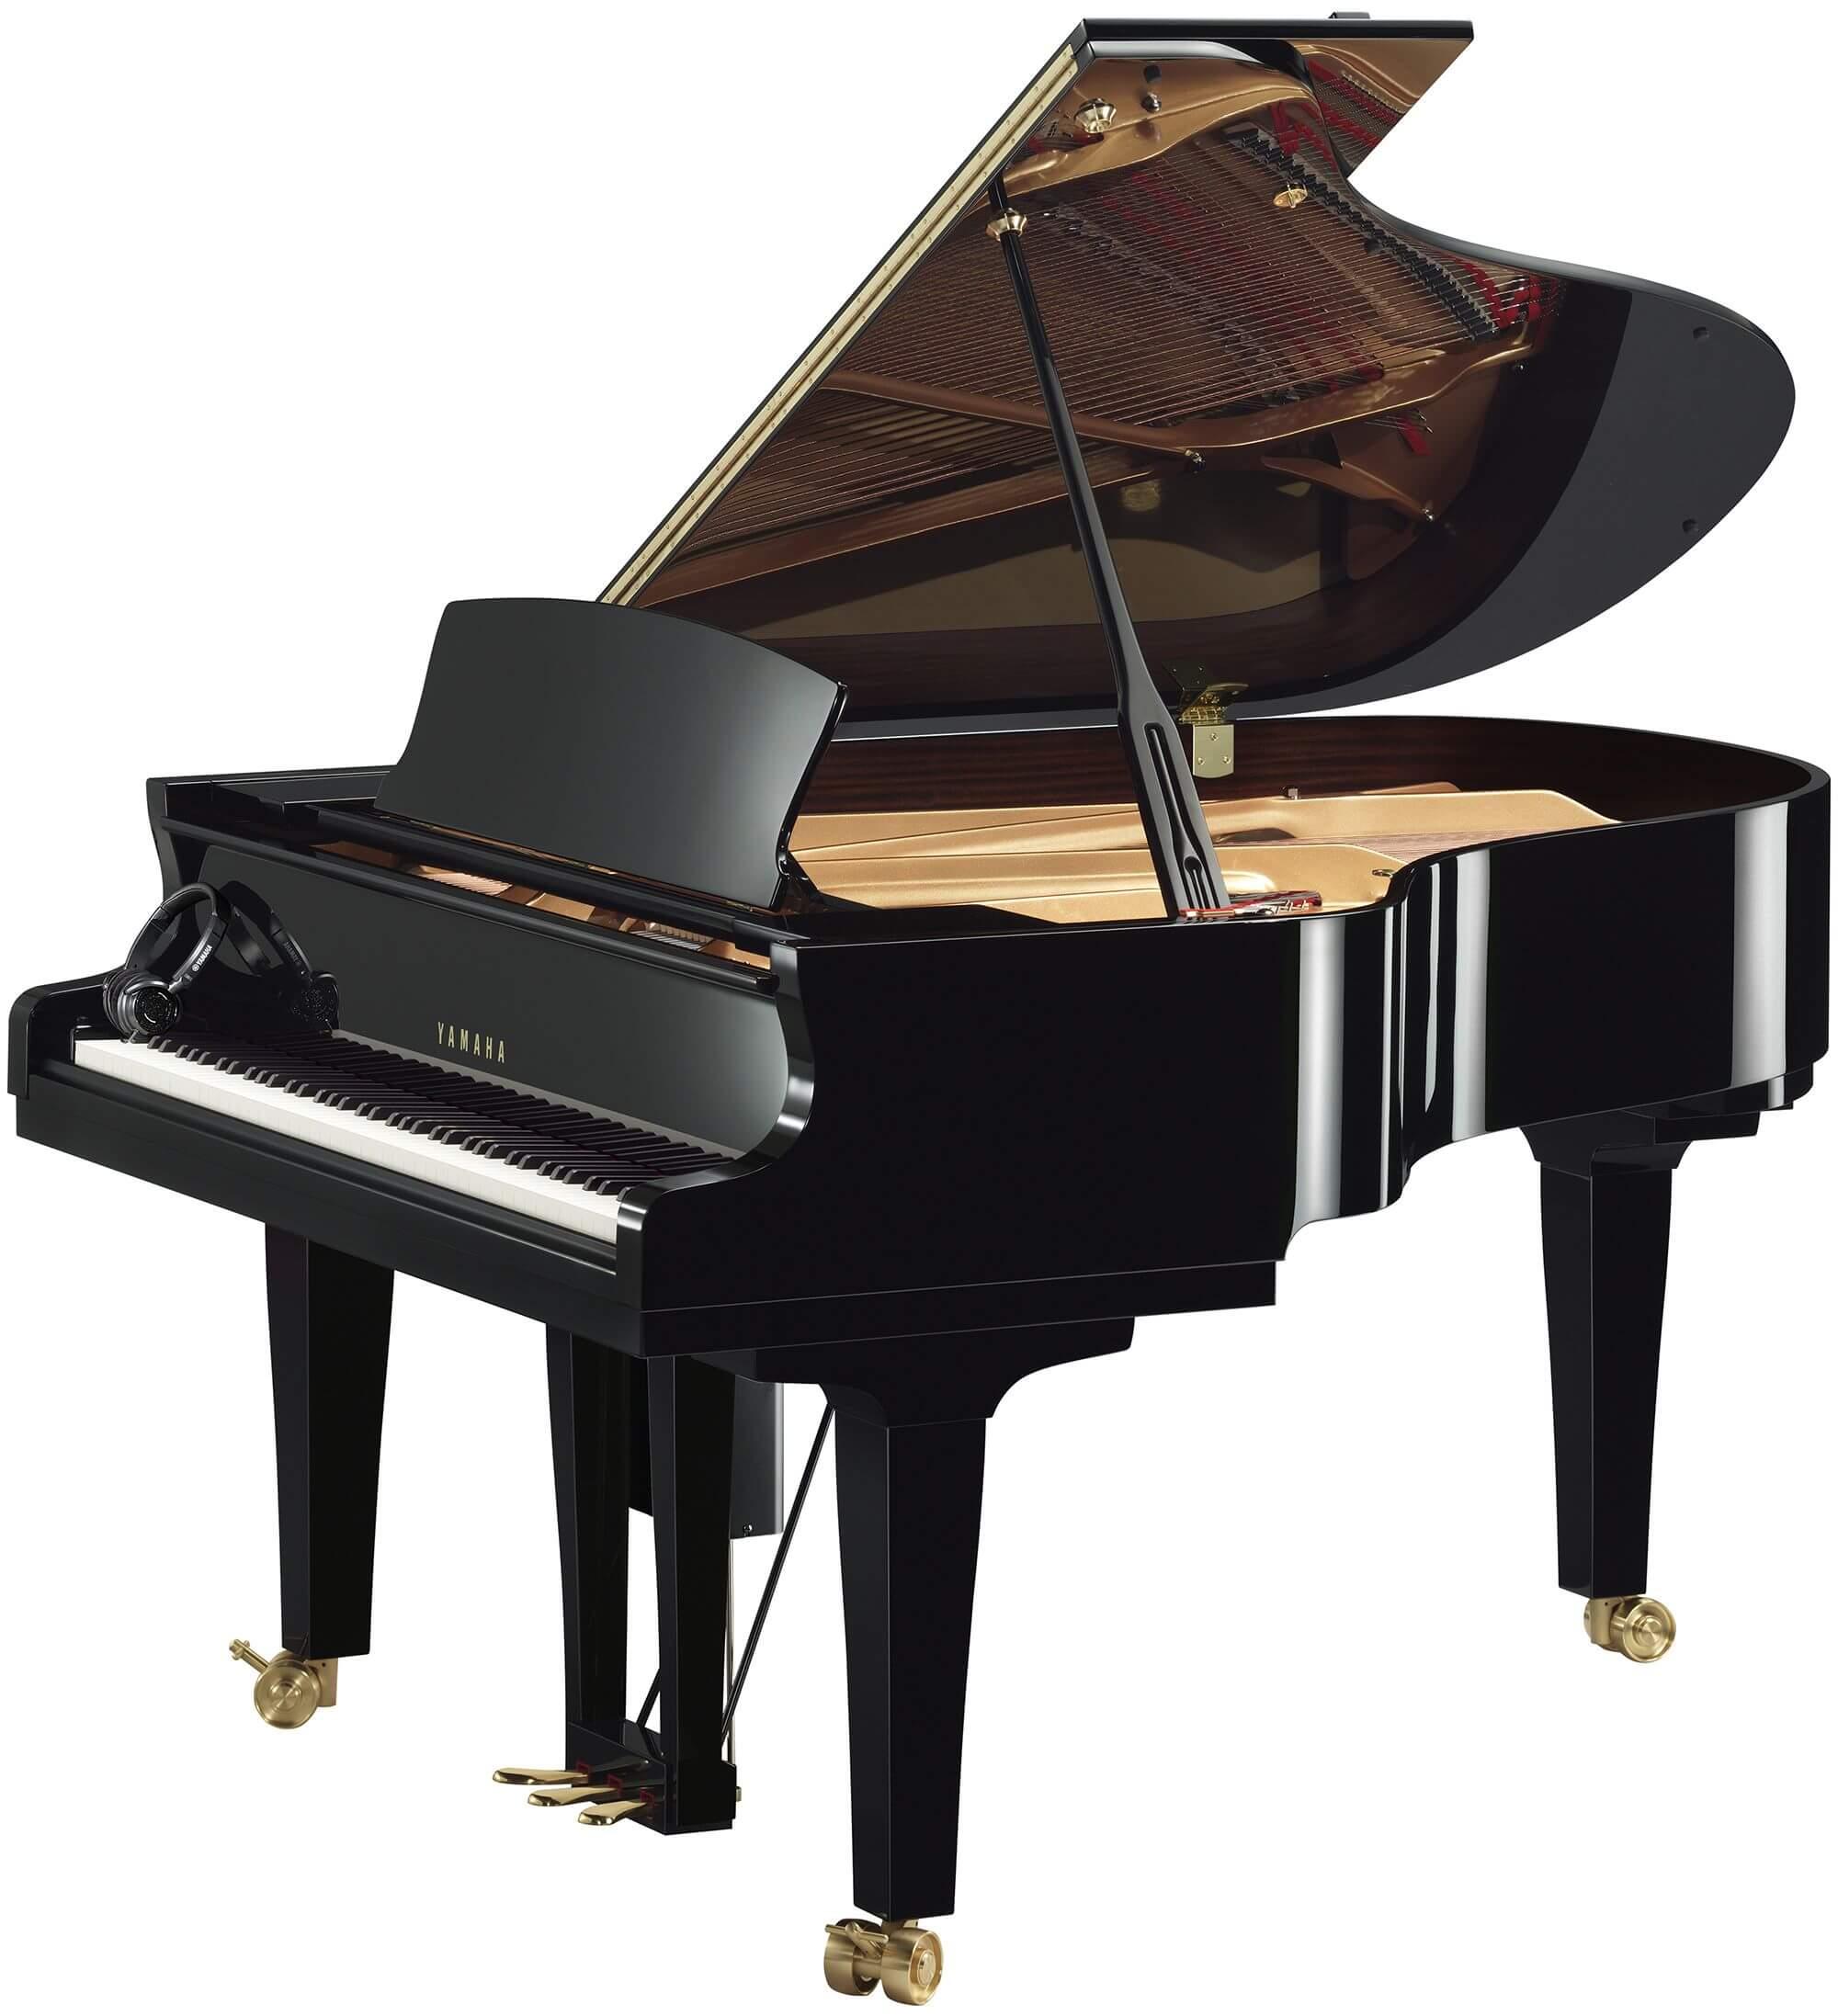 Piano de Cola Disklavier Yamaha S6X ENSPIRE PRO 212Cm Negro pulido